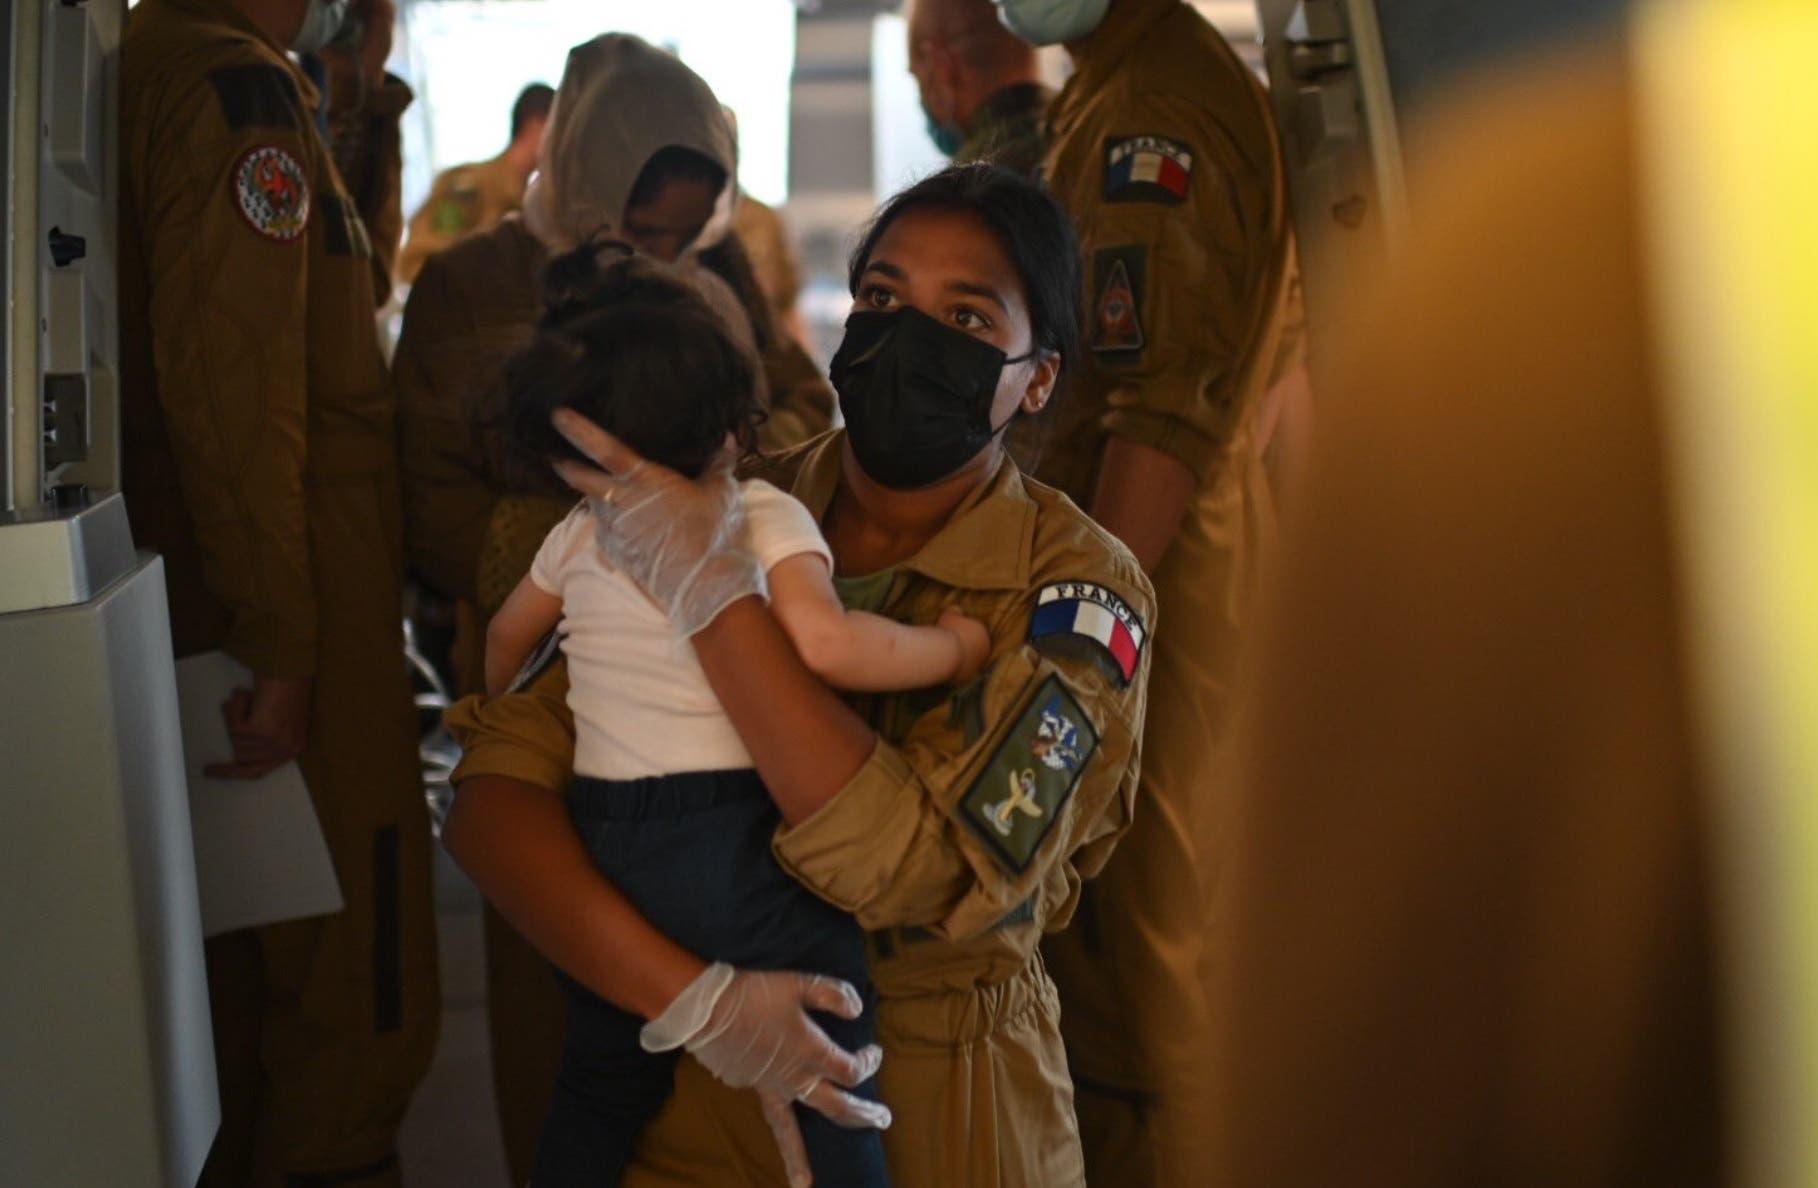 الصورة لطفل أفغاني في رحلات الإجلاء إلى فرنسا